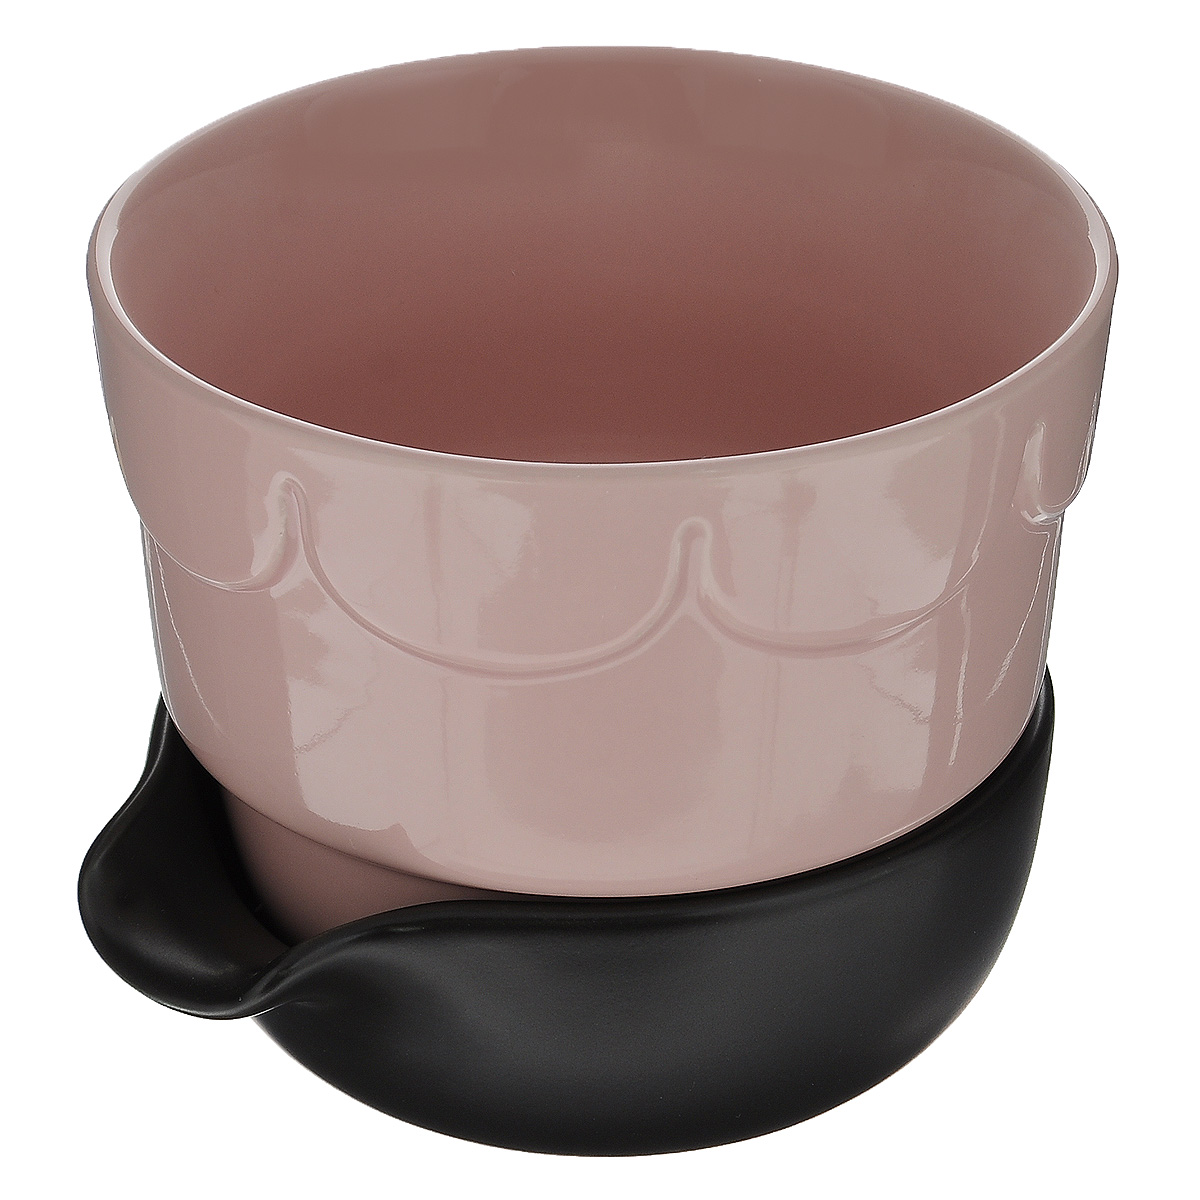 Горшок для цветов Sagaform, с поддоном, цвет: бледно-розовый, коричневый, диаметр 13,5 см5016675Цветочный горшок Sagaform с поддоном выполнен из высококачественной керамики и предназначен для выращивания в нем цветов, растений и трав. Поддон обеспечивает систему прикорневого полива, которая способствует вентиляции и дренажу корневой системы растения. Такой горшок порадует вас современным дизайном и функциональностью, а также оригинально украсит интерьер помещения.Диаметр по верхнему краю: 13,5 см.Высота горшка: 11 см.Диаметр поддона: 12 см.